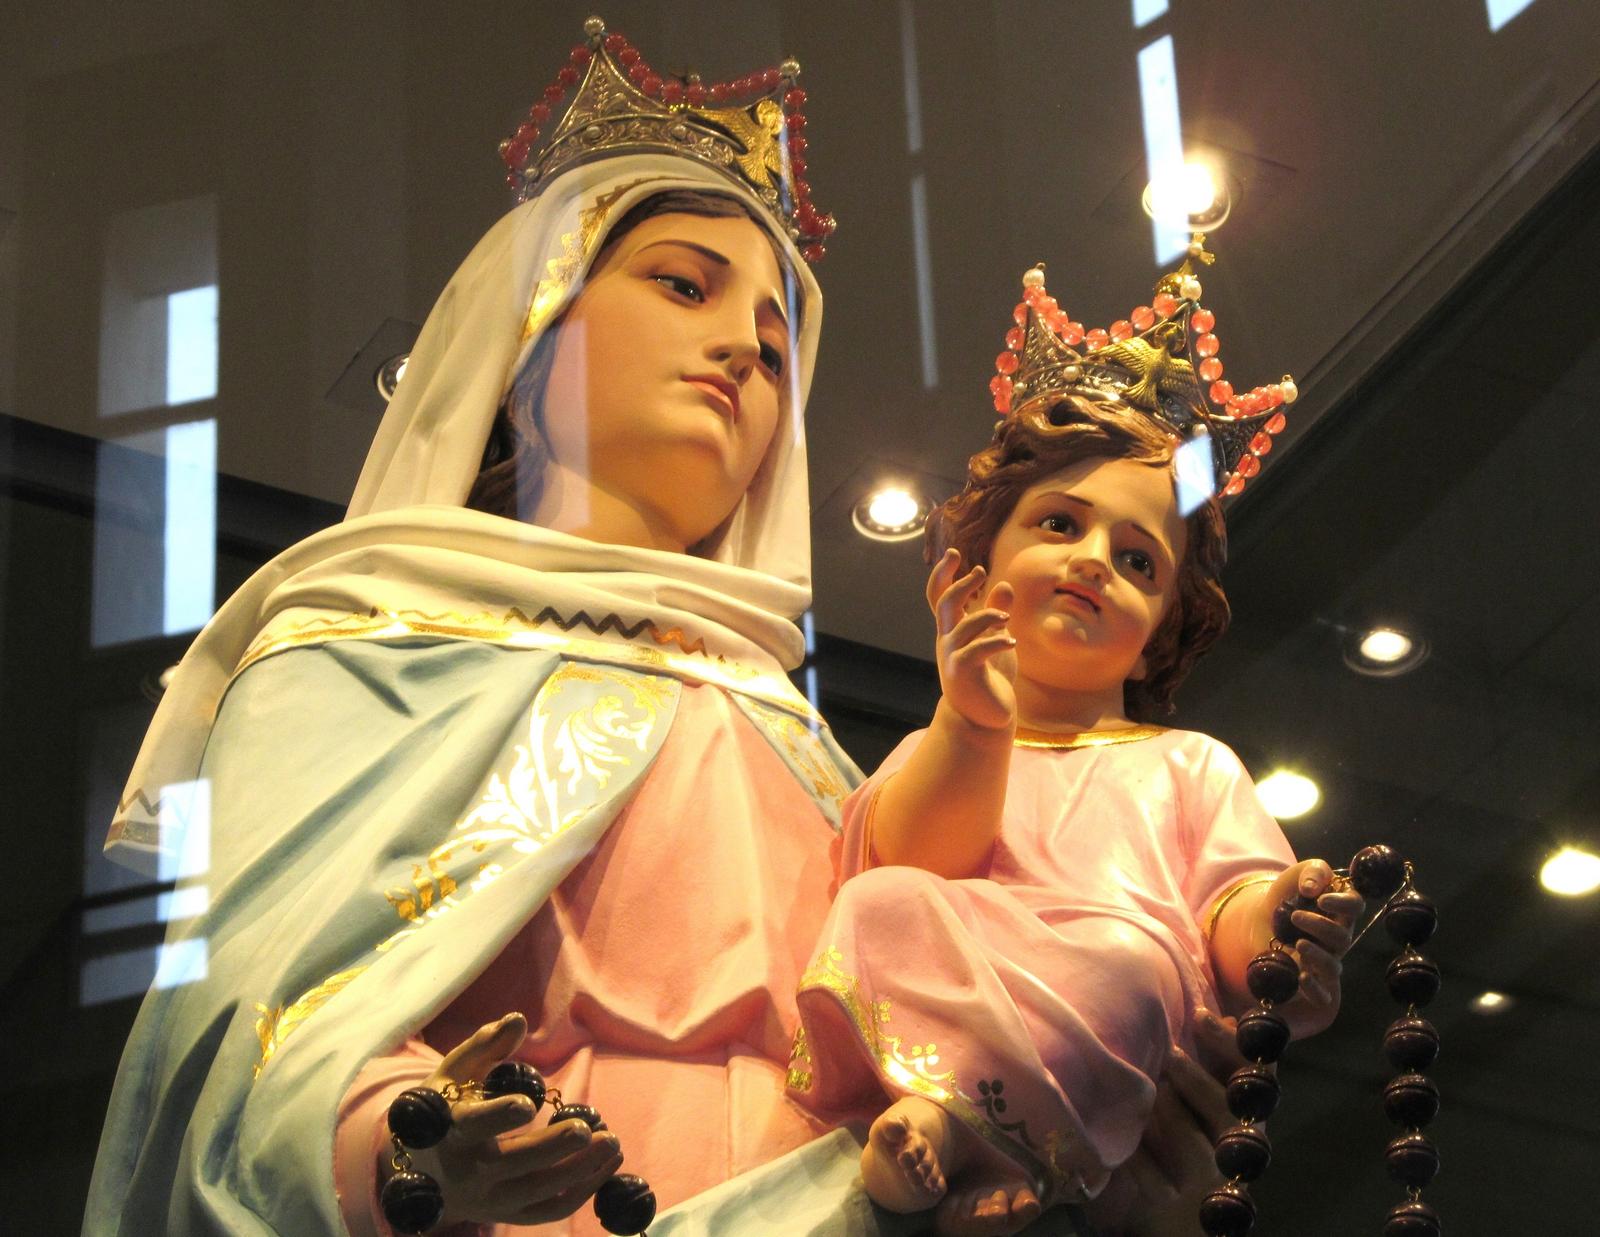 Aparicin de nuestra seora del rosario de san nicols aprobada por virgen del rosario de san nicolas fondo thecheapjerseys Choice Image